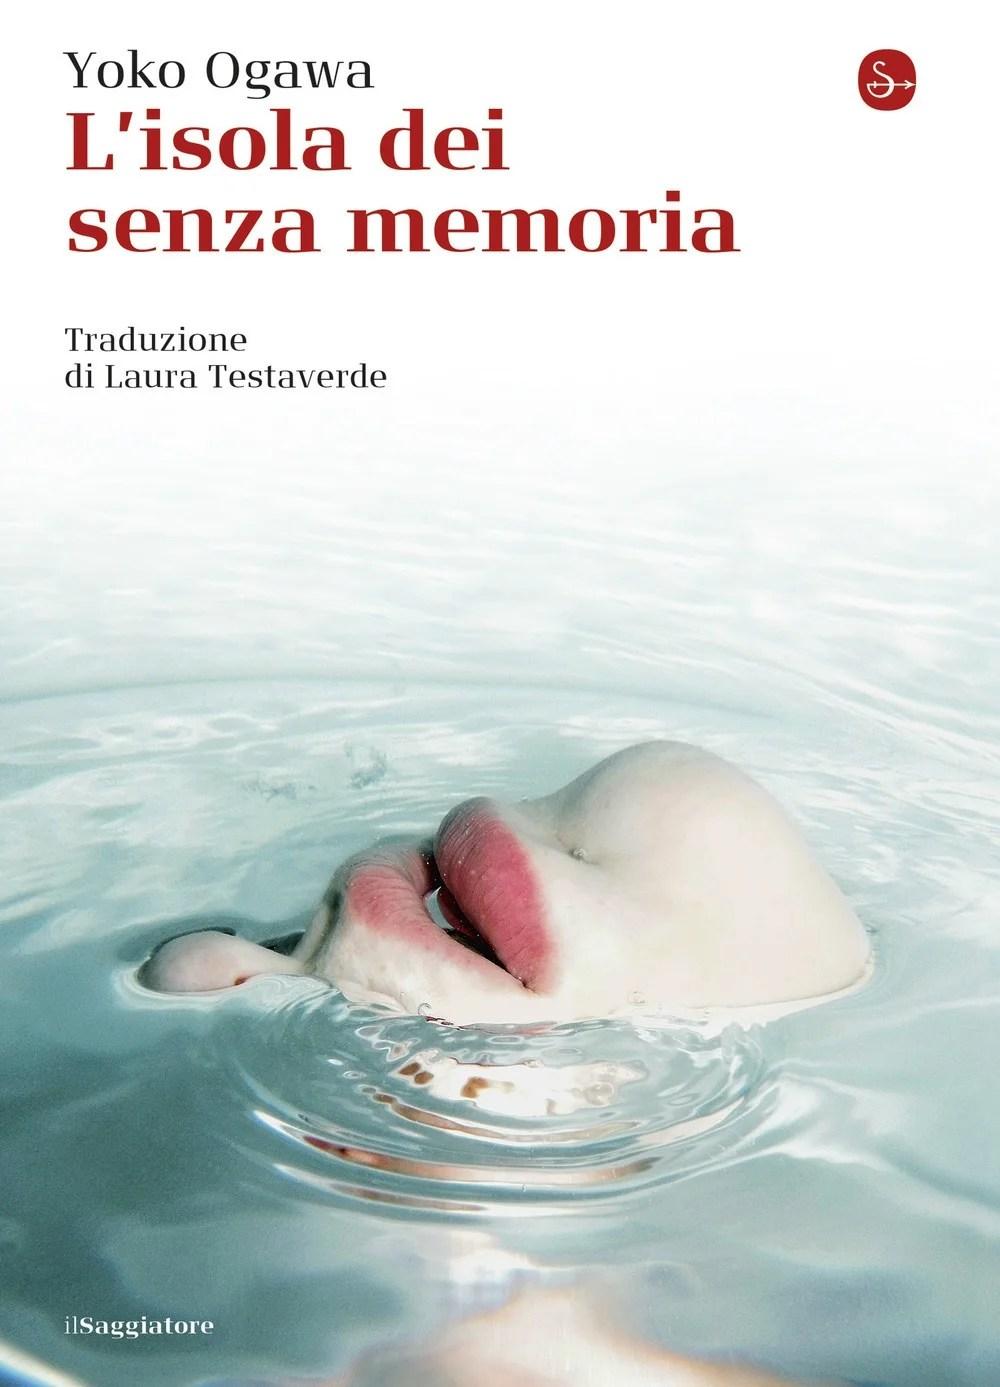 Recensione di L'Isola dei Senza Memoria – Yoko Ogawa